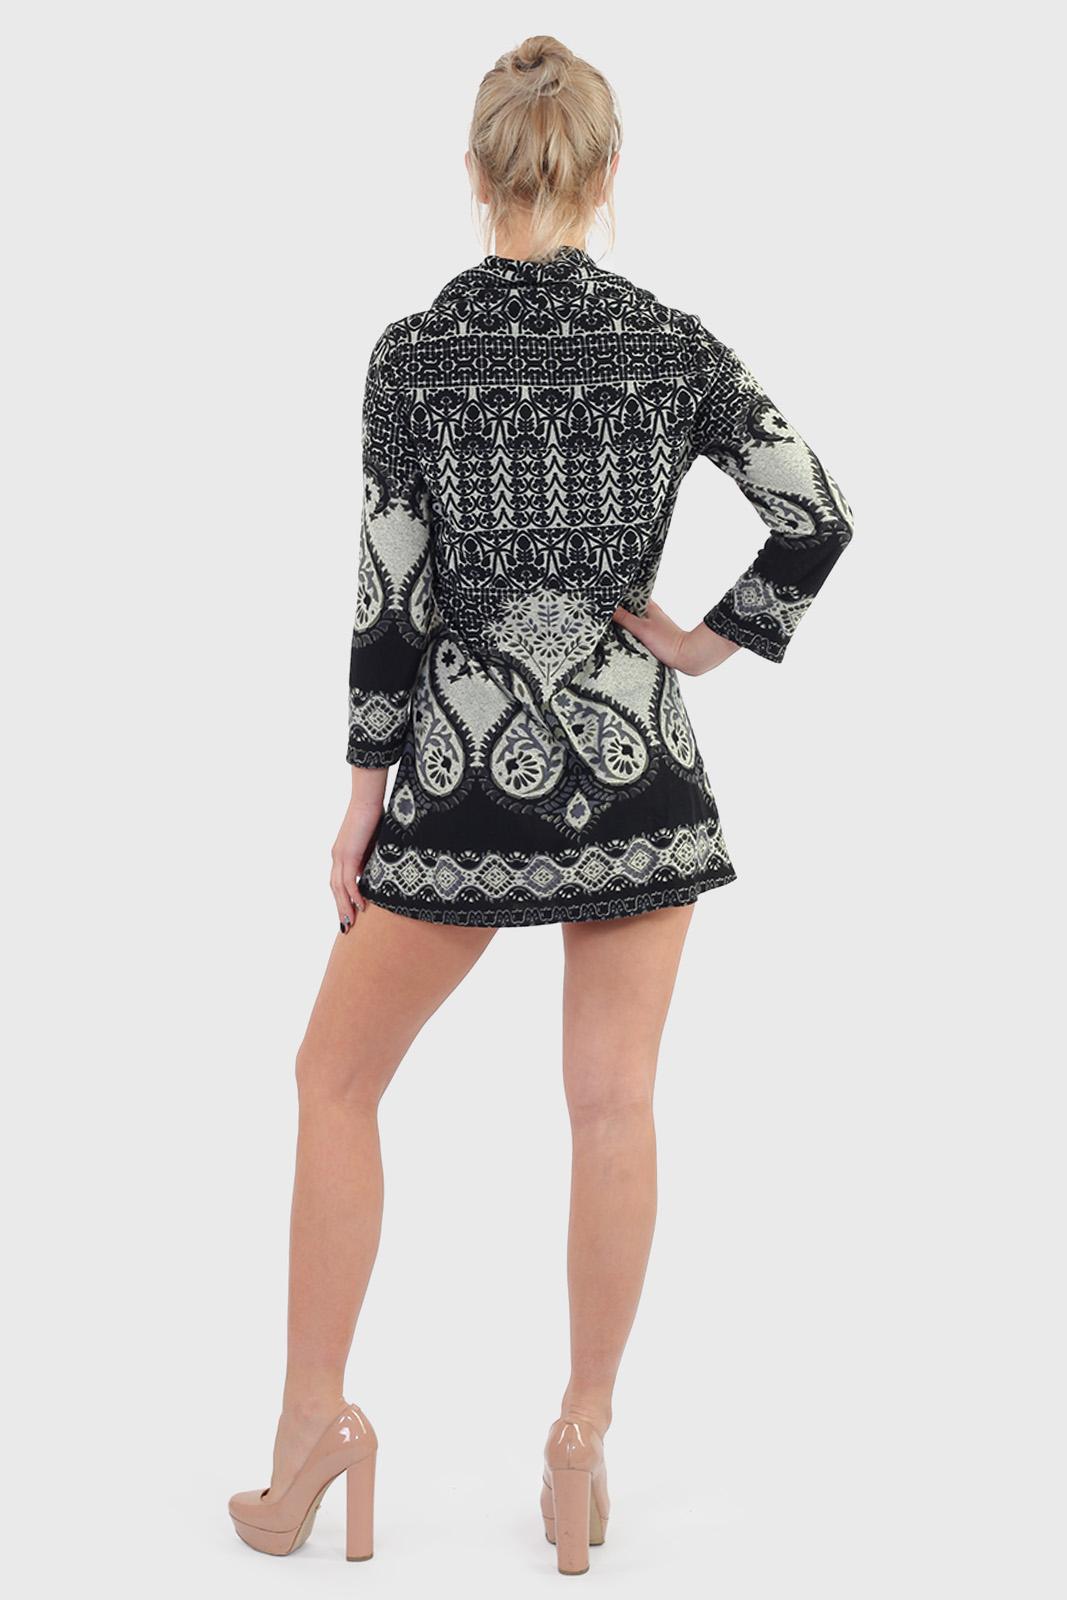 Горячее МИНИ! Трикотажное платье туника Jolie Foret.